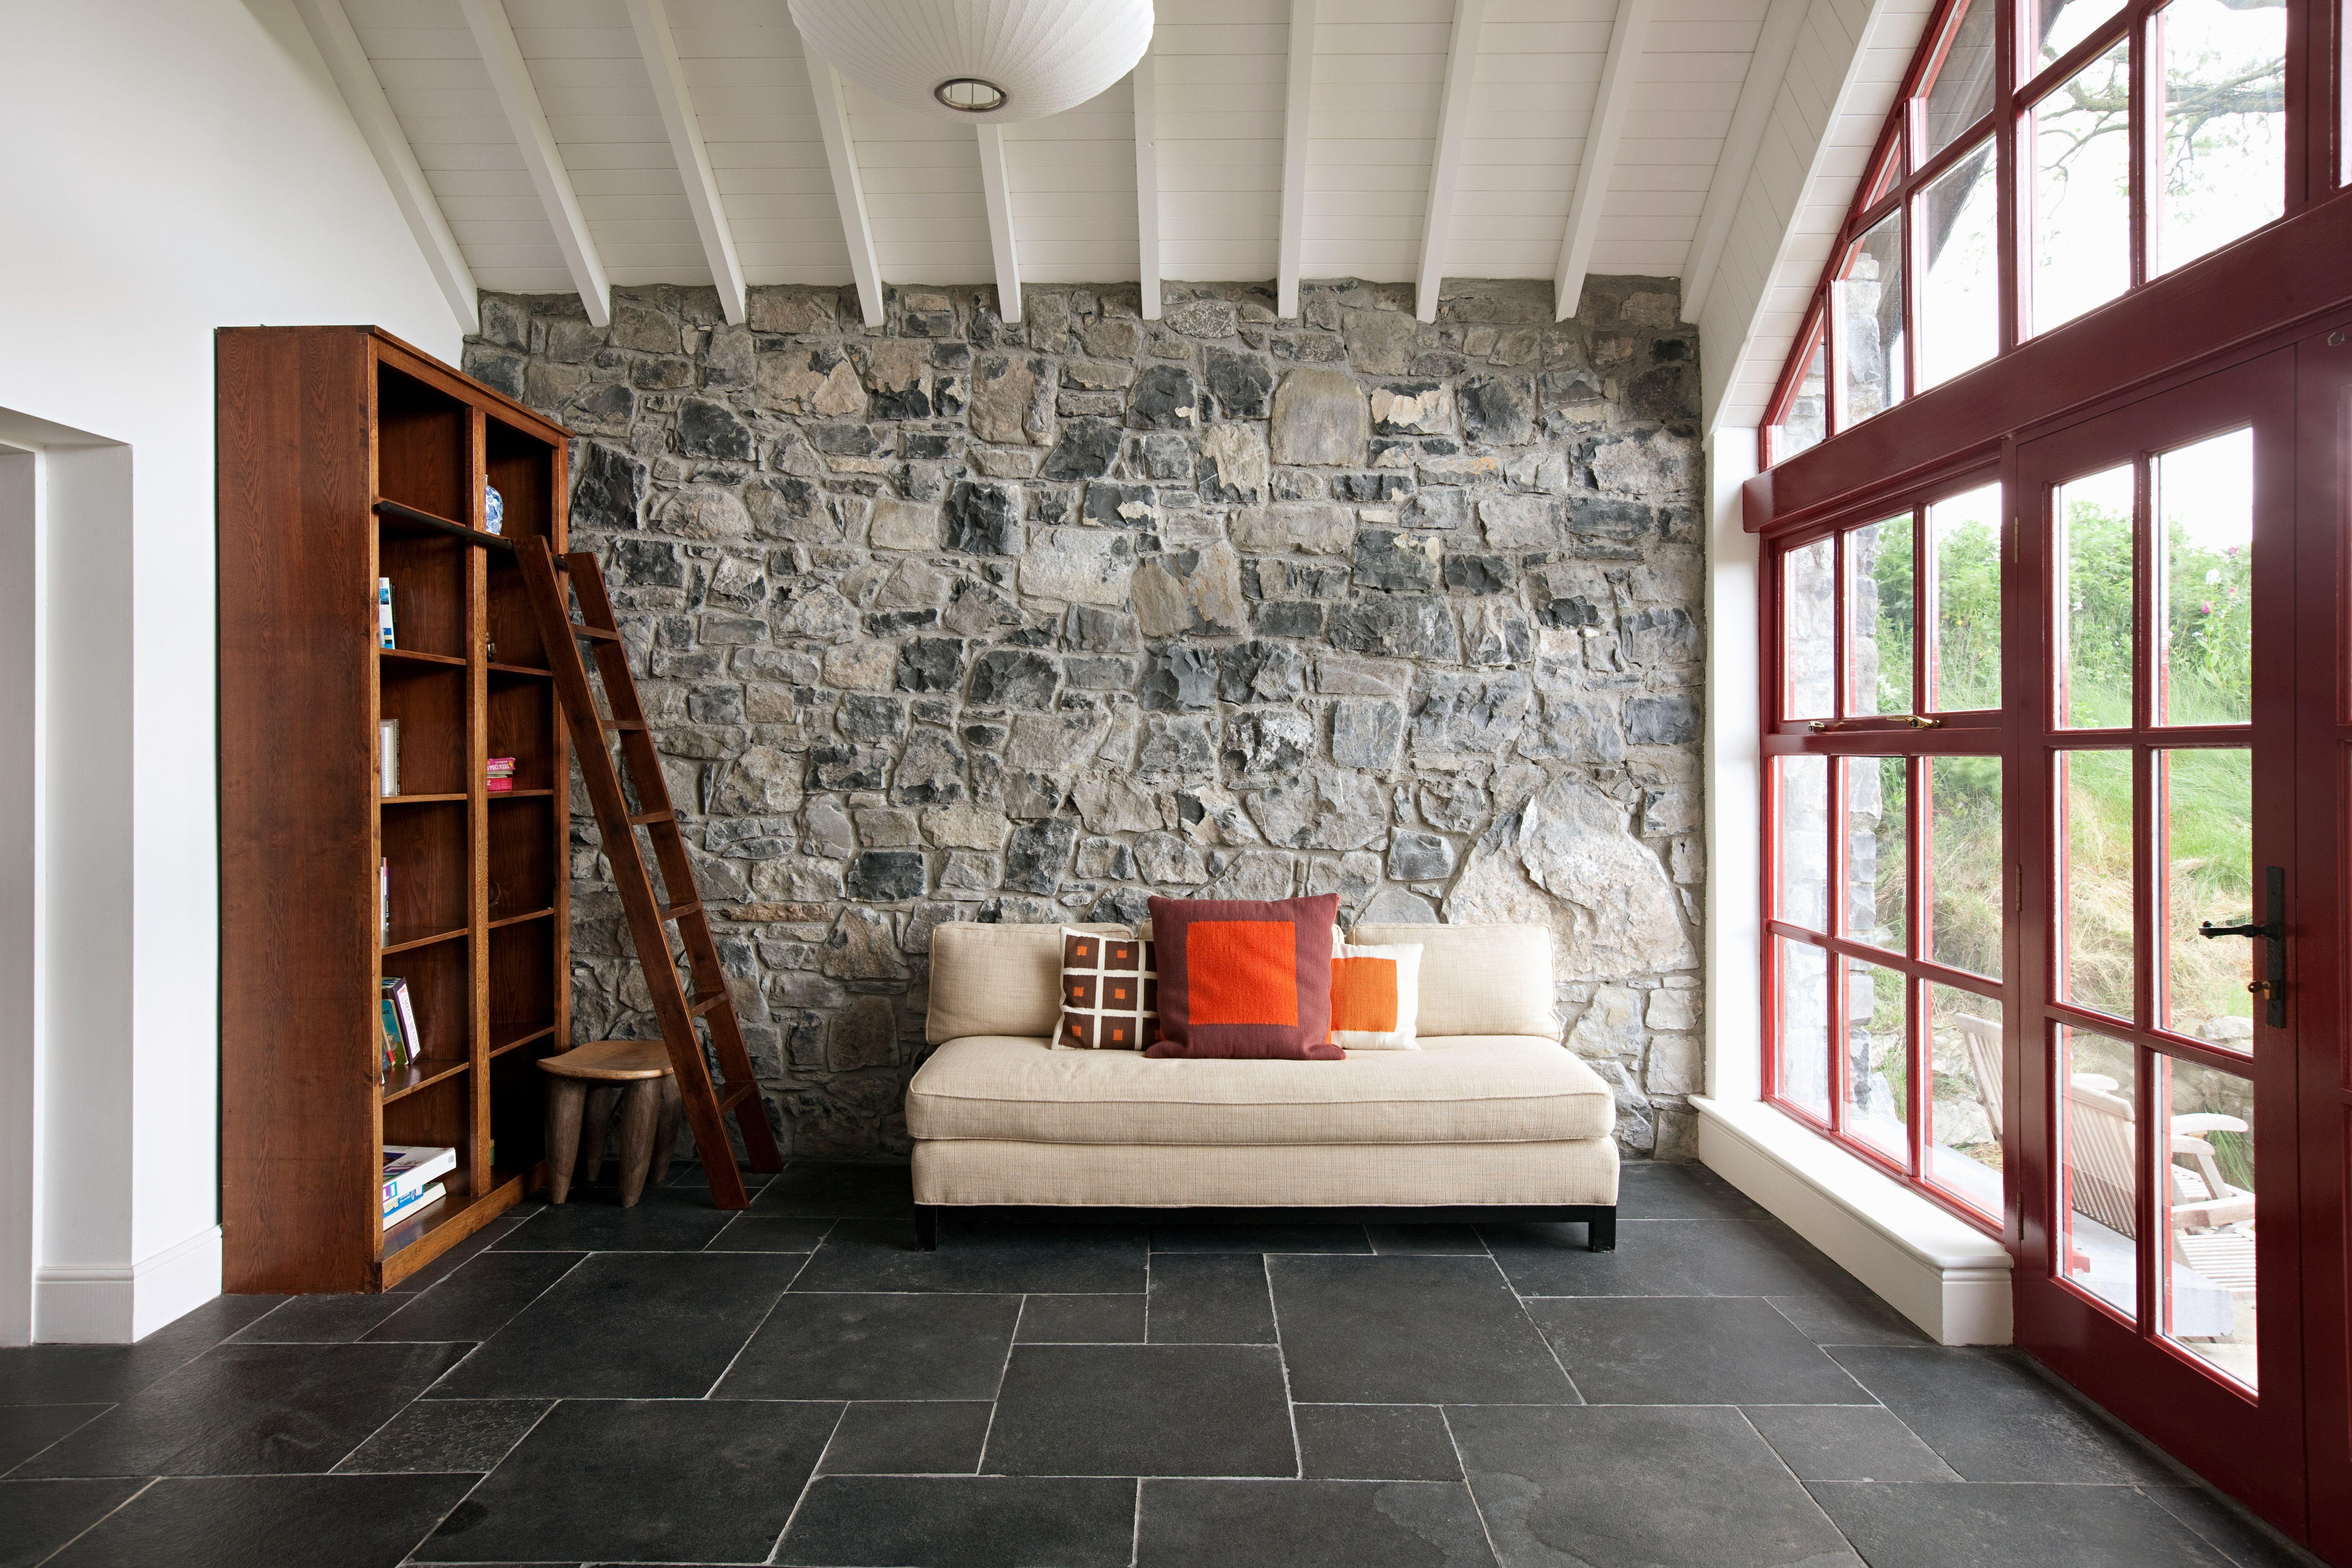 Habitación mínima con un muro de piedra